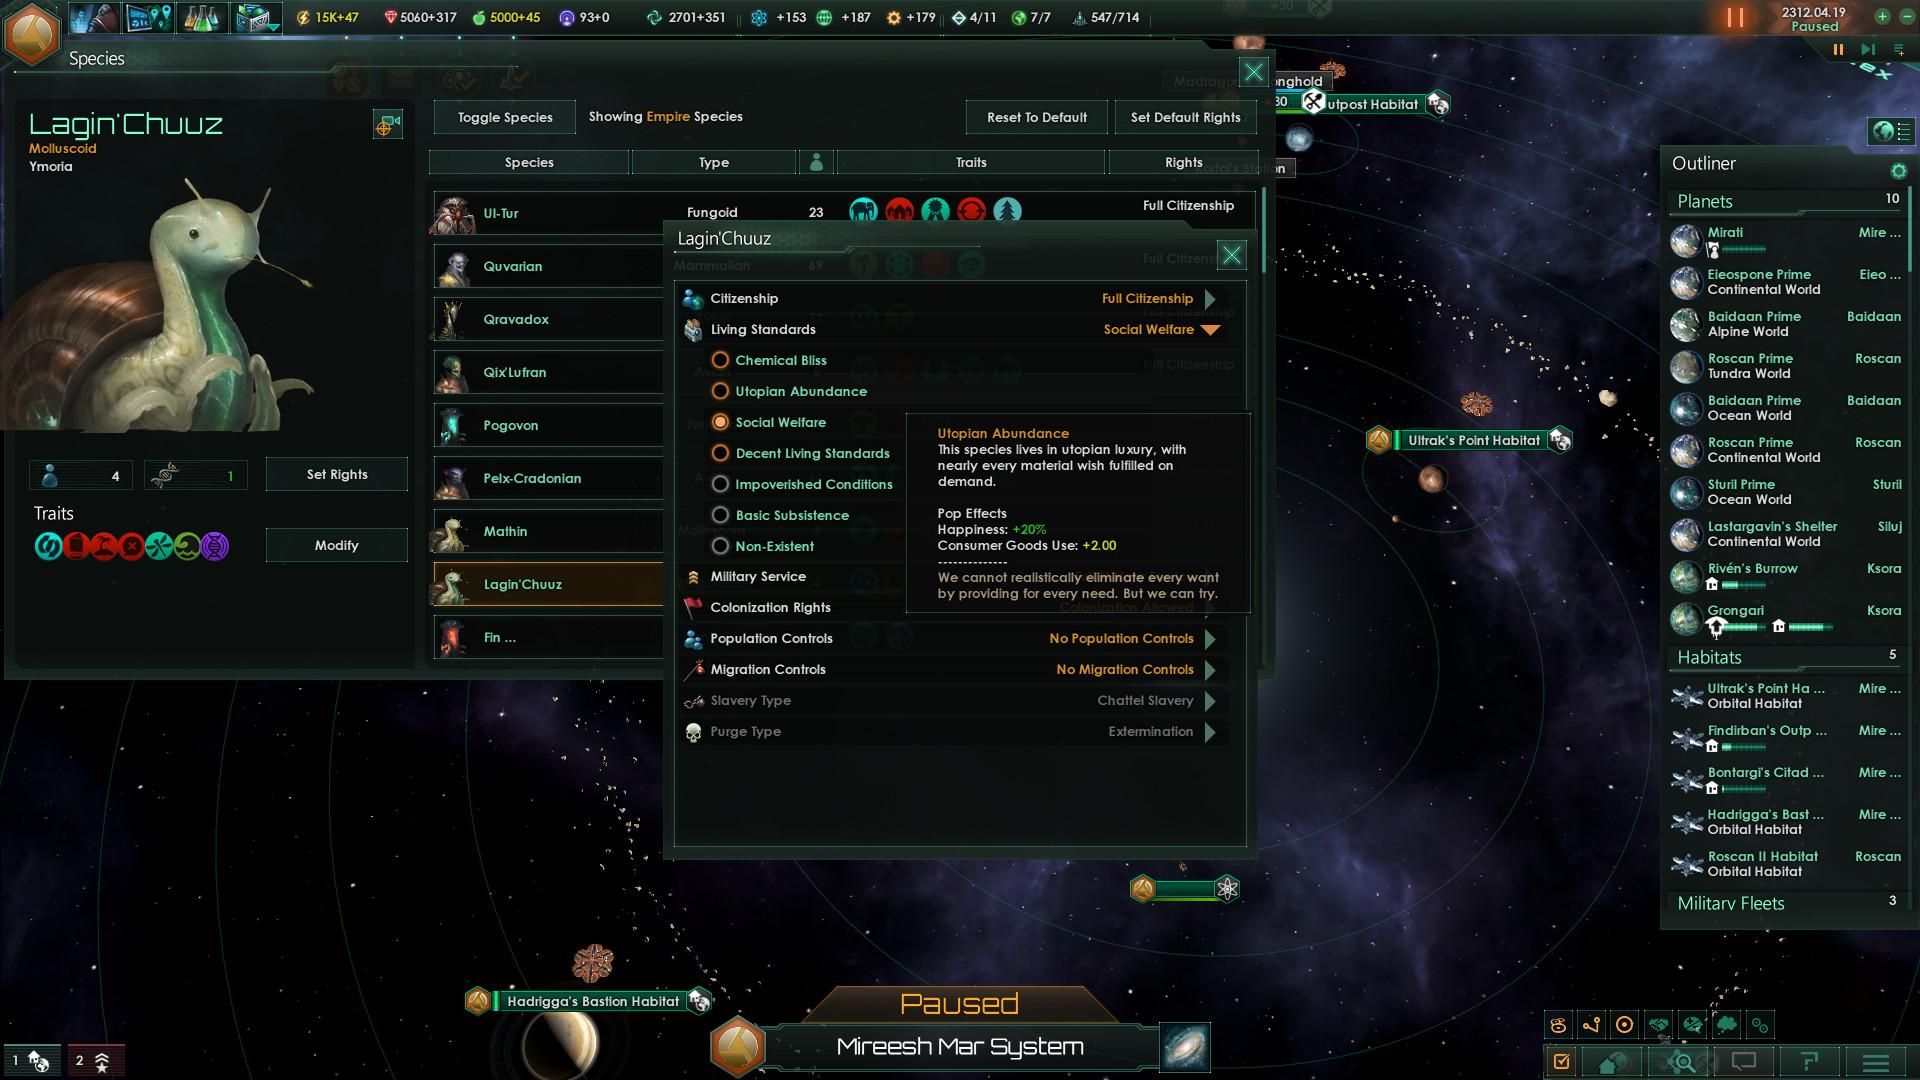 Matchmaking Utopia